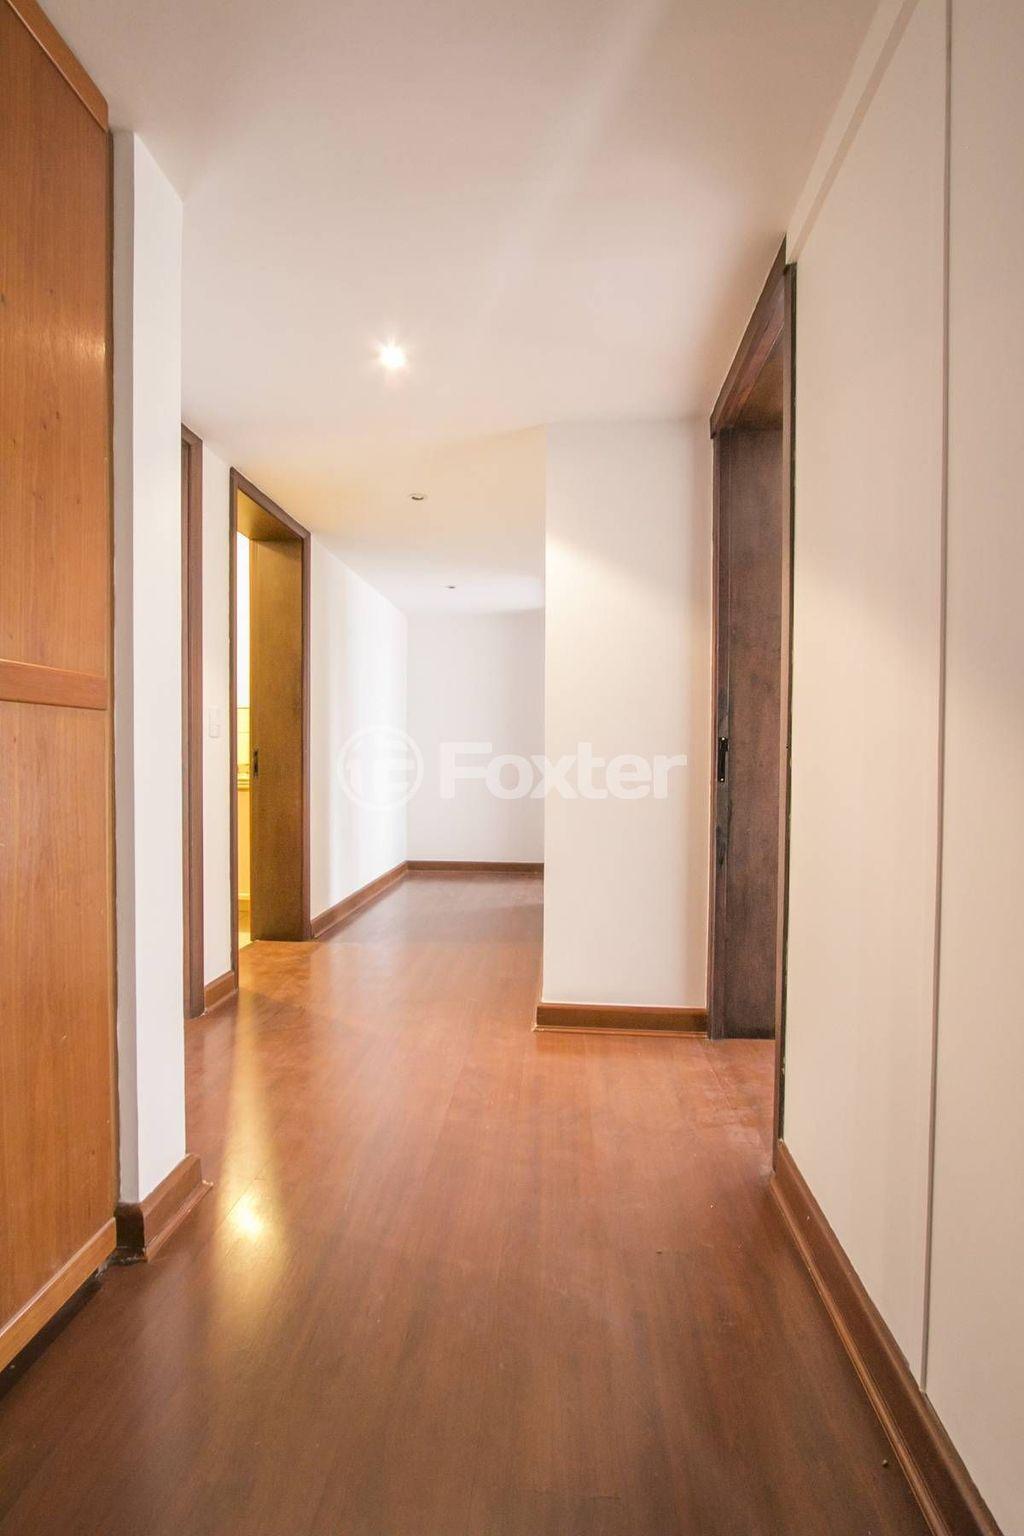 Foxter Imobiliária - Cobertura 5 Dorm (115529) - Foto 14